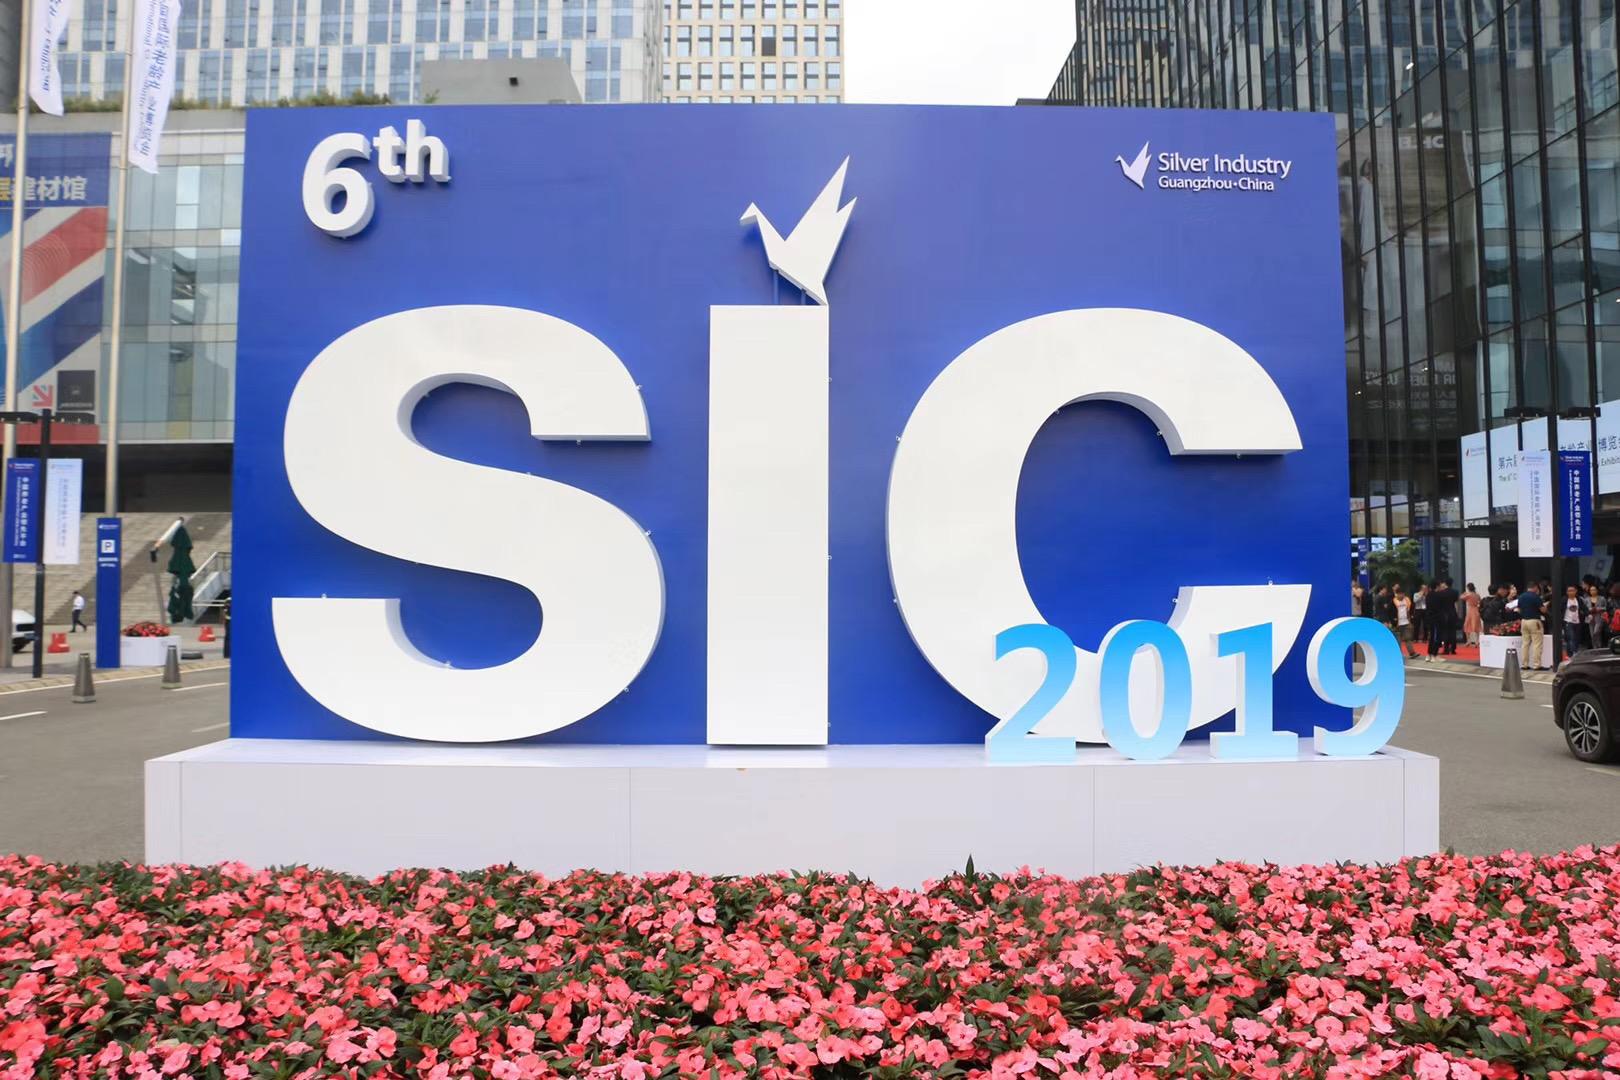 中国养老产业领先平台 第六届中国国际老龄产业博览会今日开幕!